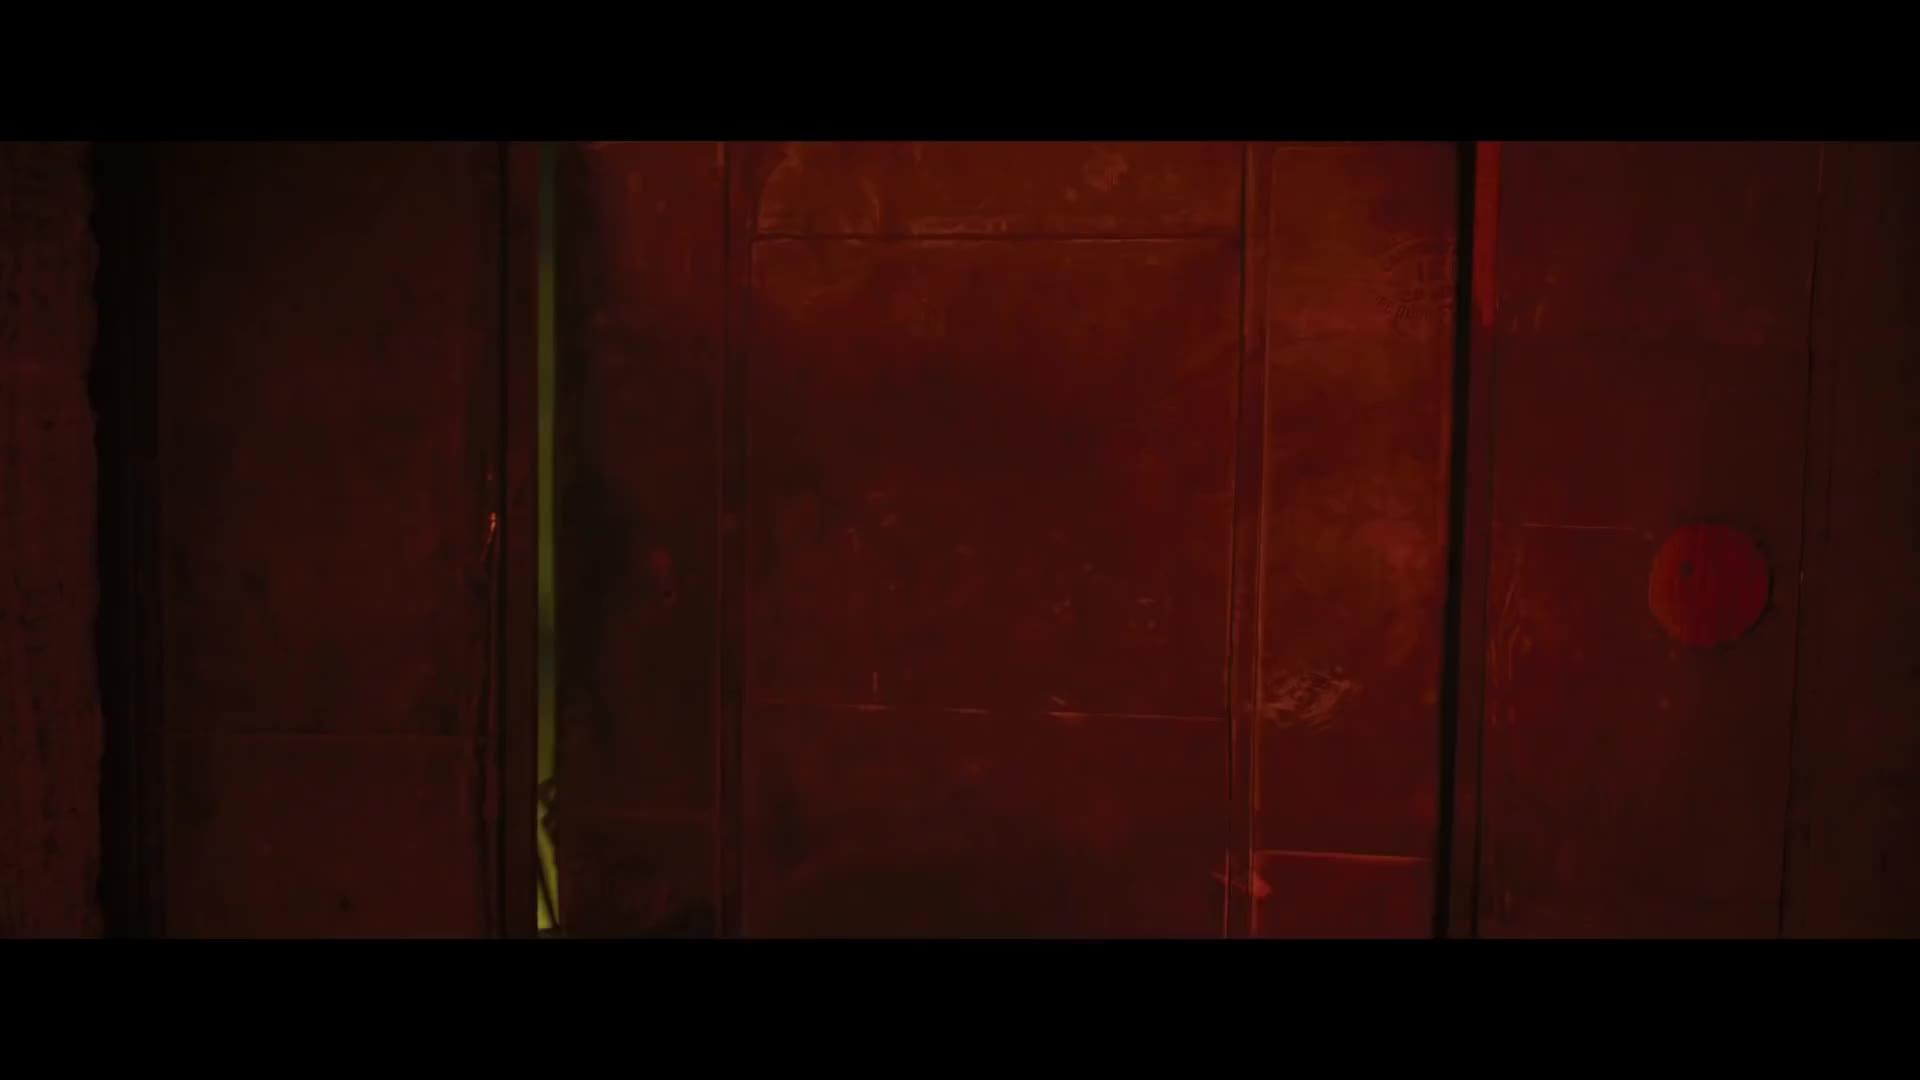 Lupita opens the door